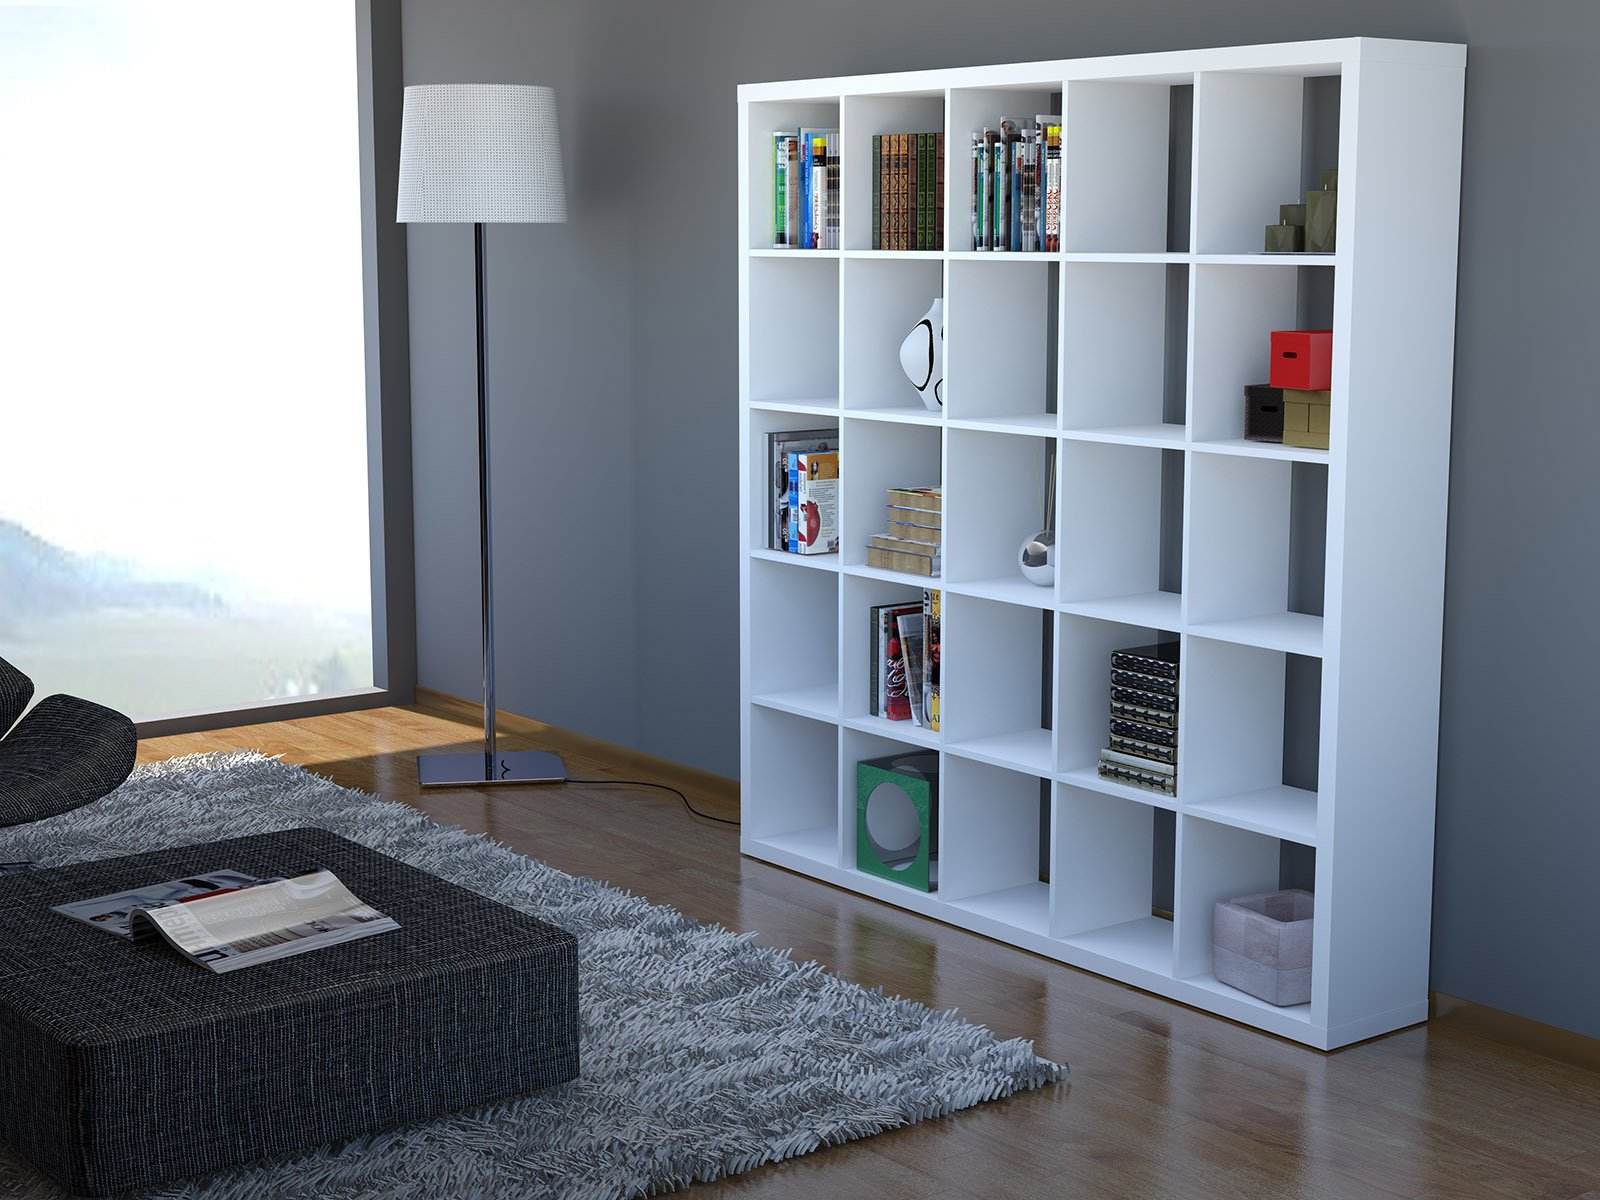 Librerie componibili i mobili pi importanti del - Librerie da camera ...